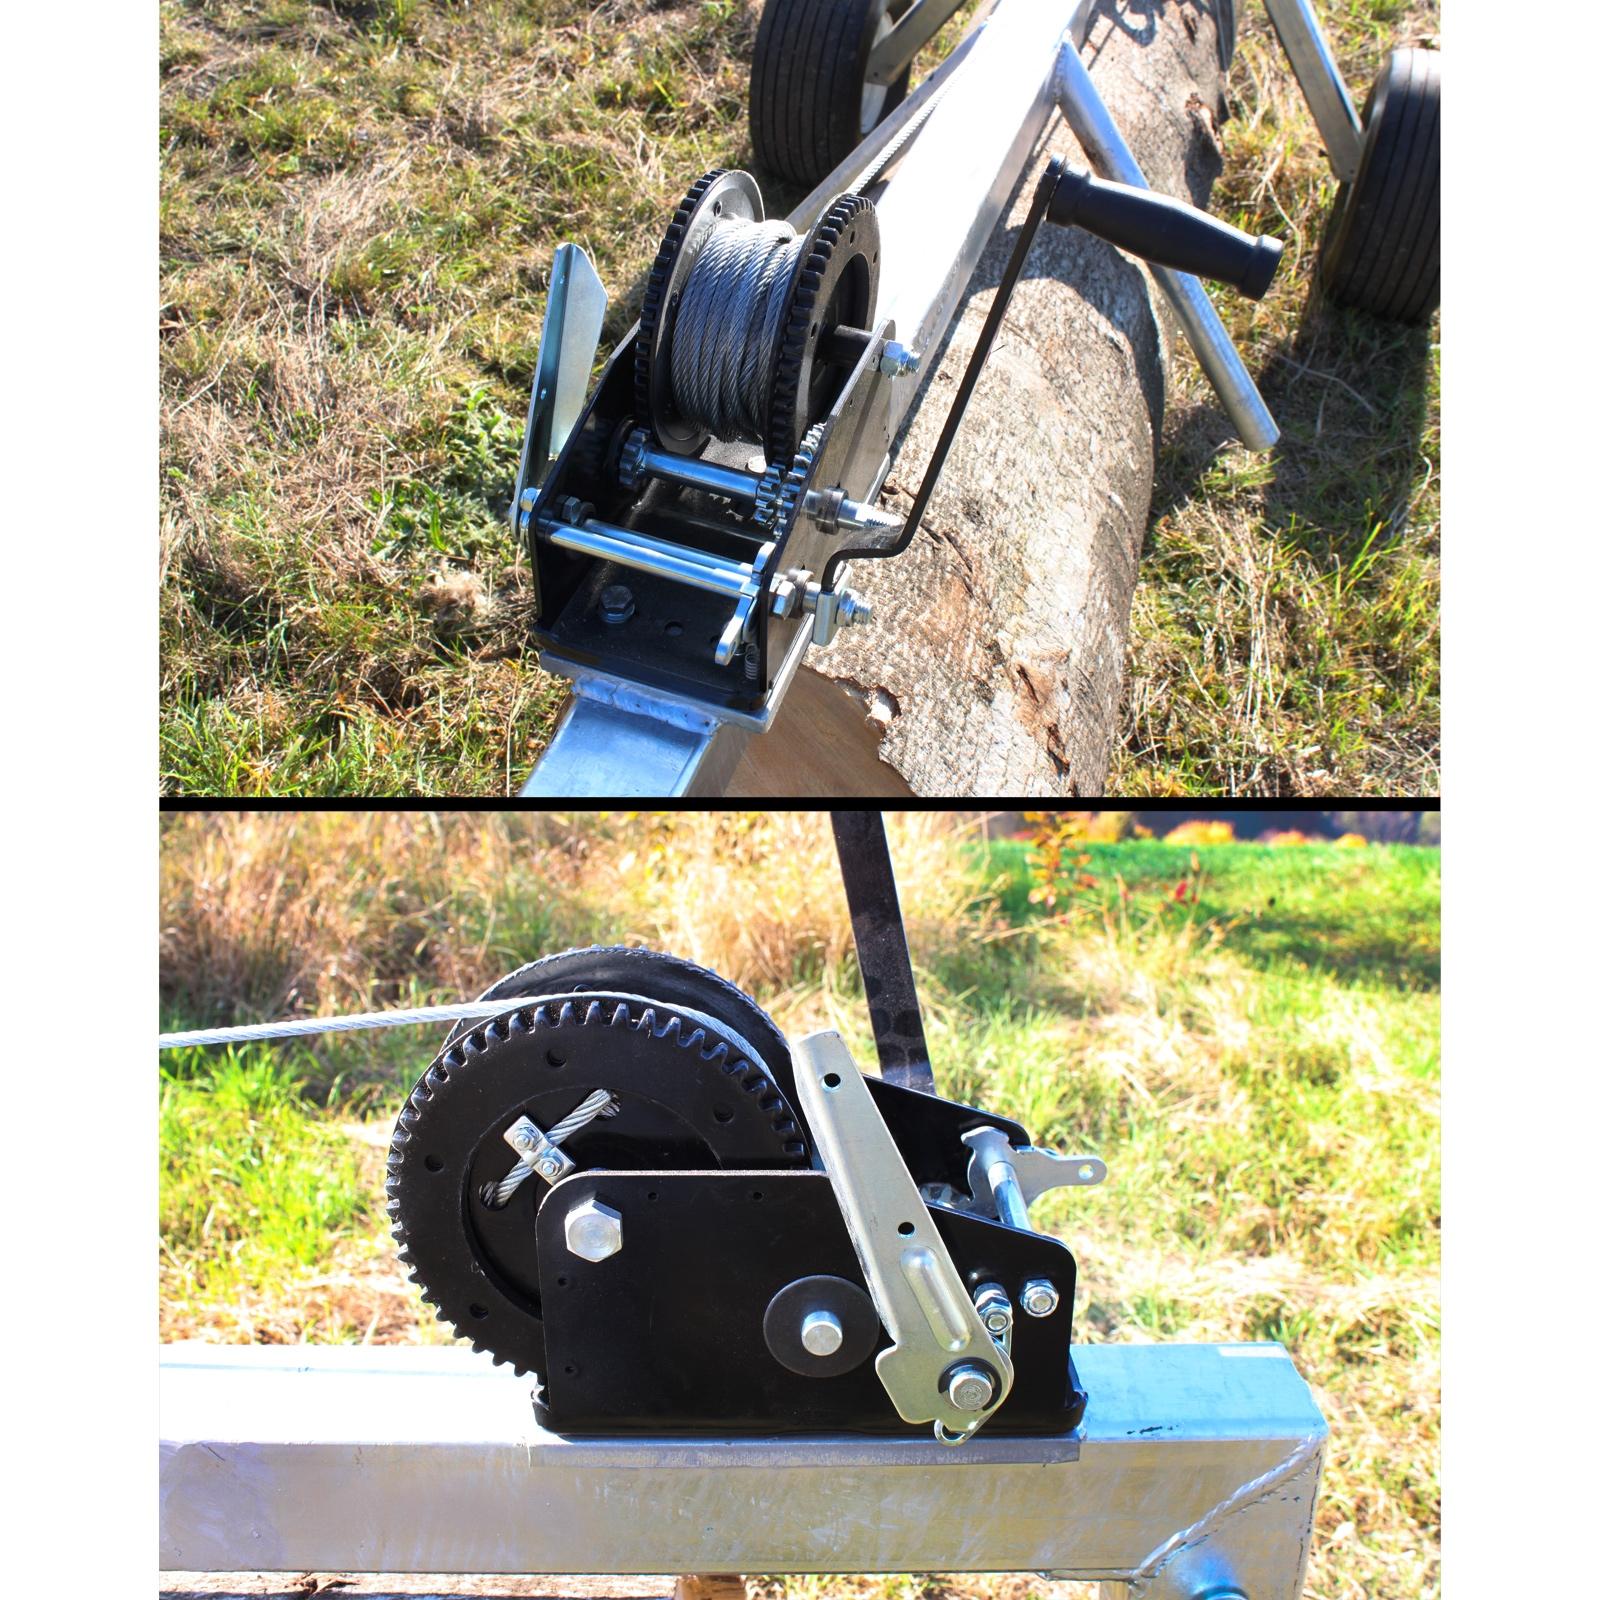 Dema Seilwinde für Artikel 67997 Stammholzwagen mit 2 Rädern / Tragkraft 700 Kg ZA67997